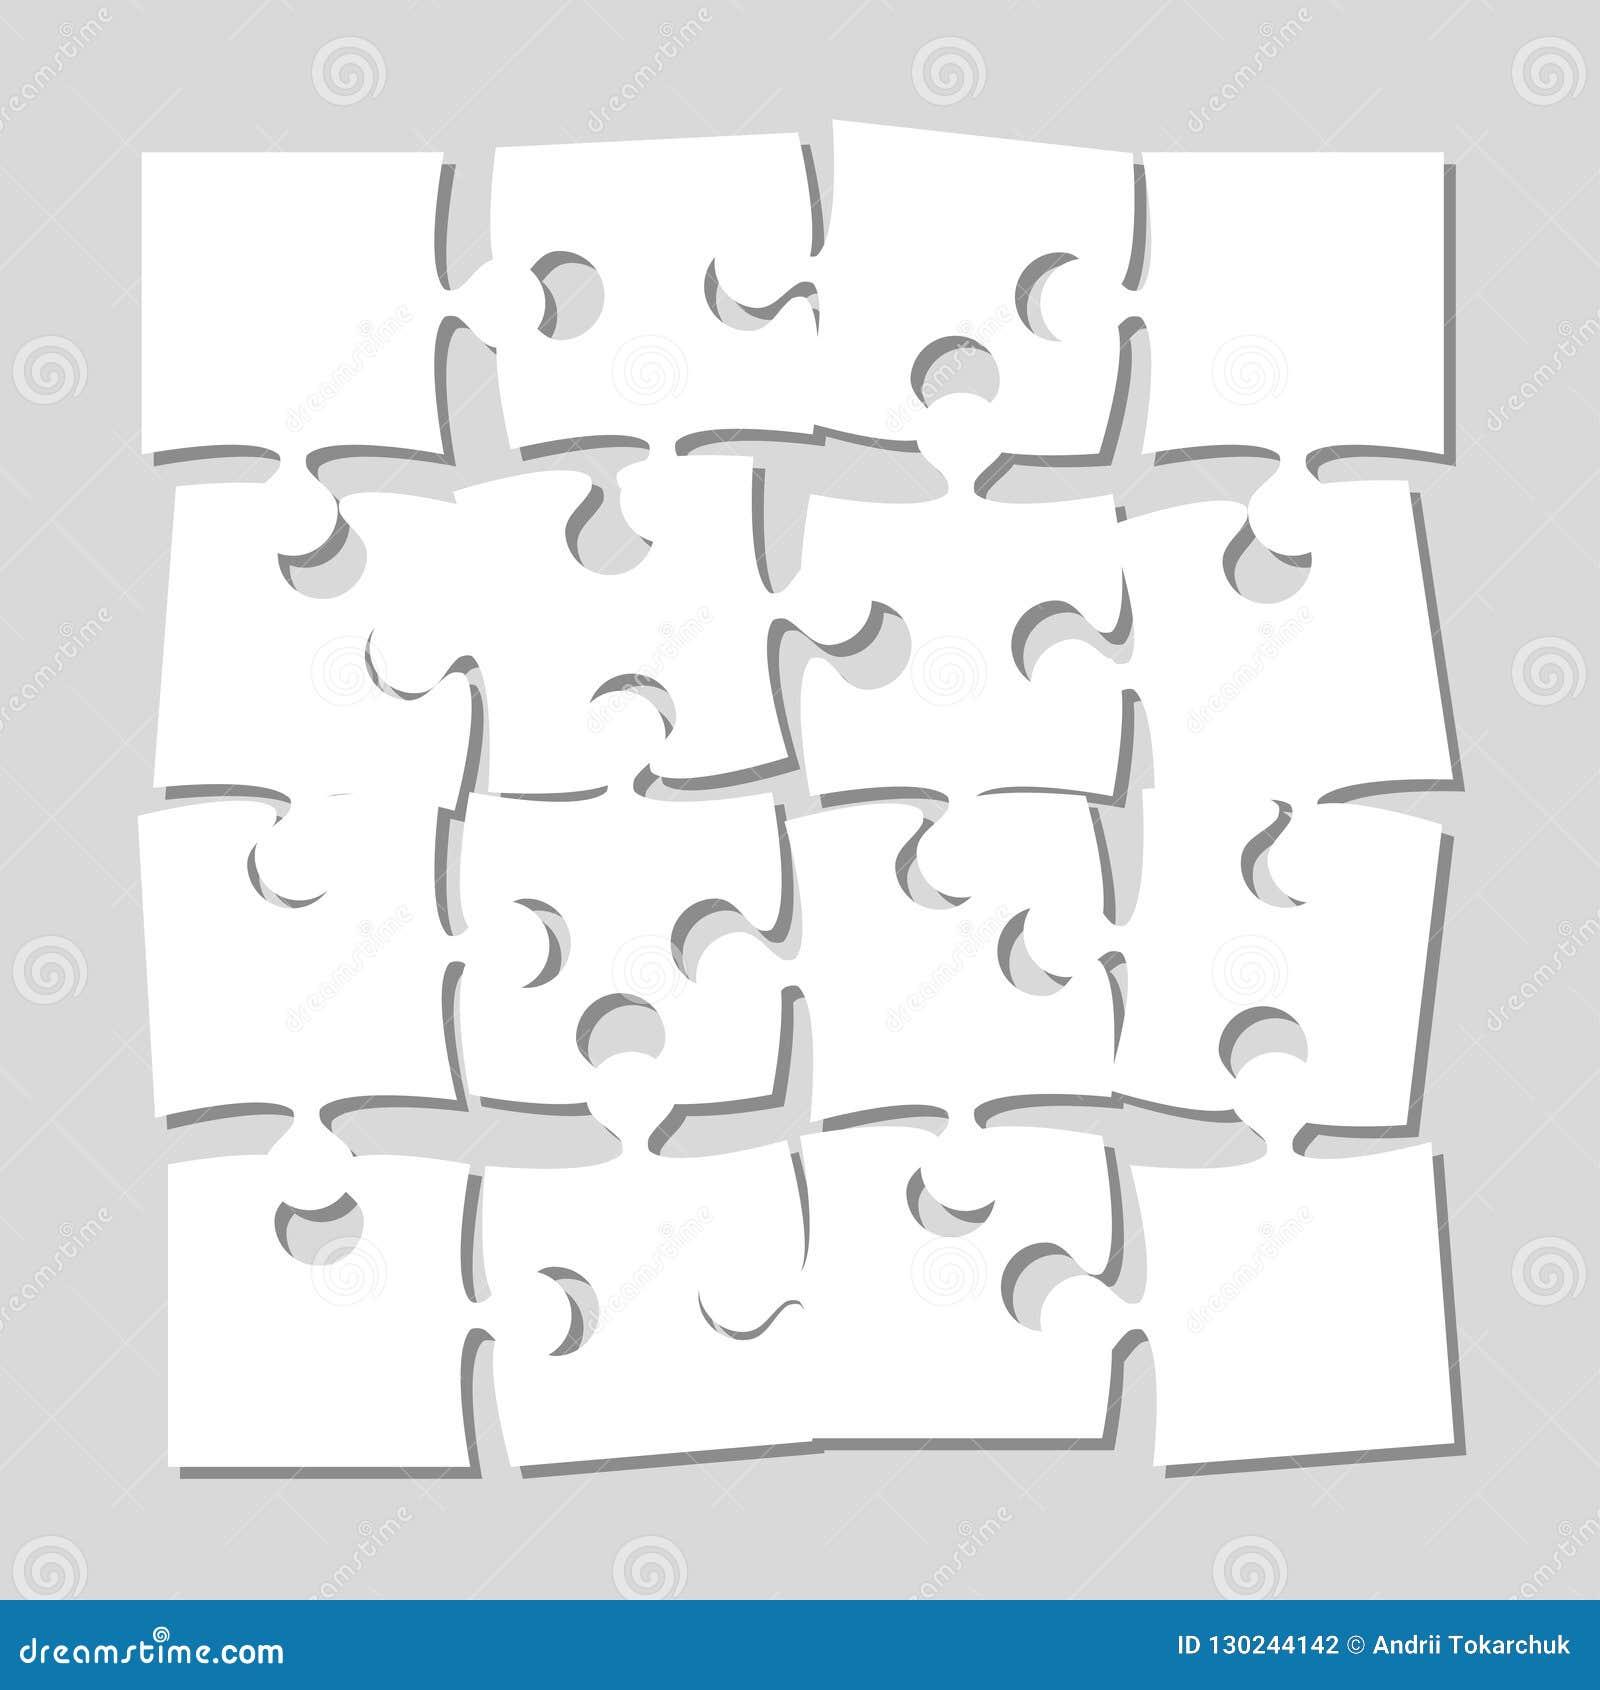 Die 16 Stücke verwirren Fahnen-Laubsäge des Schildes